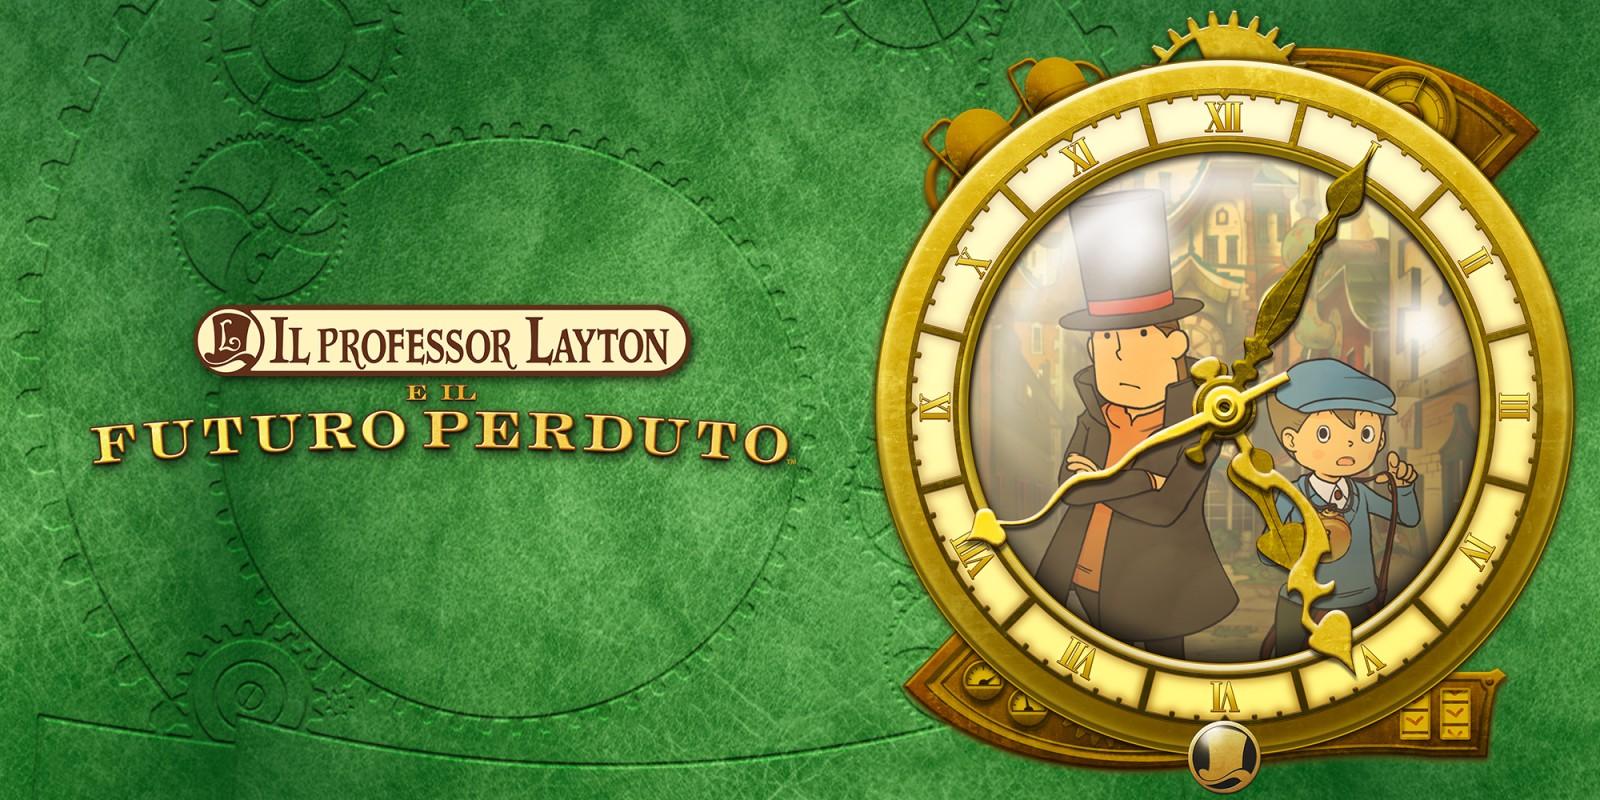 Il professor Layton 3 sbarca su iOS e Android con una remaster in HD